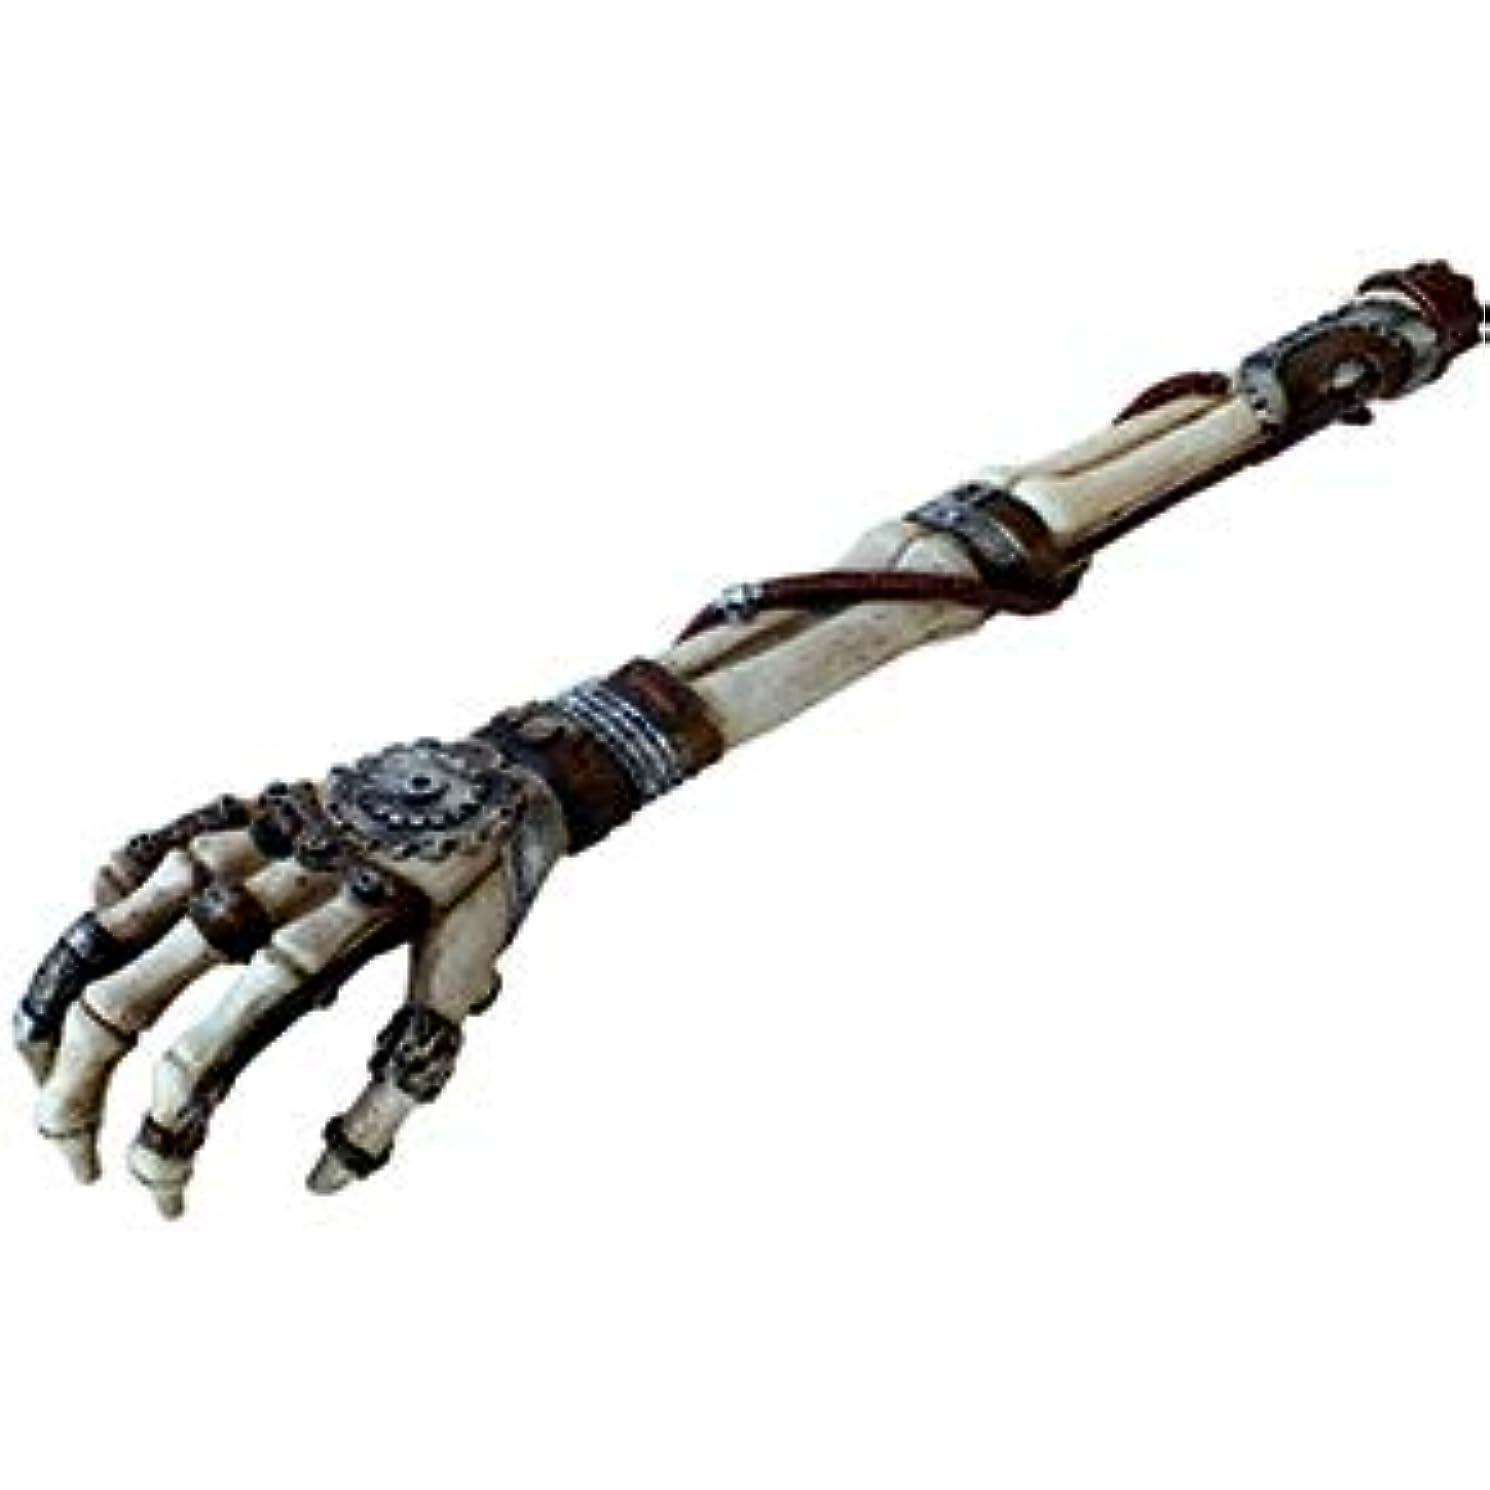 お母さん移動する新着スチームパンクスケルトンアーム バックスクラッチャー(孫の手) Steampunk Skeleton arm back scratcher